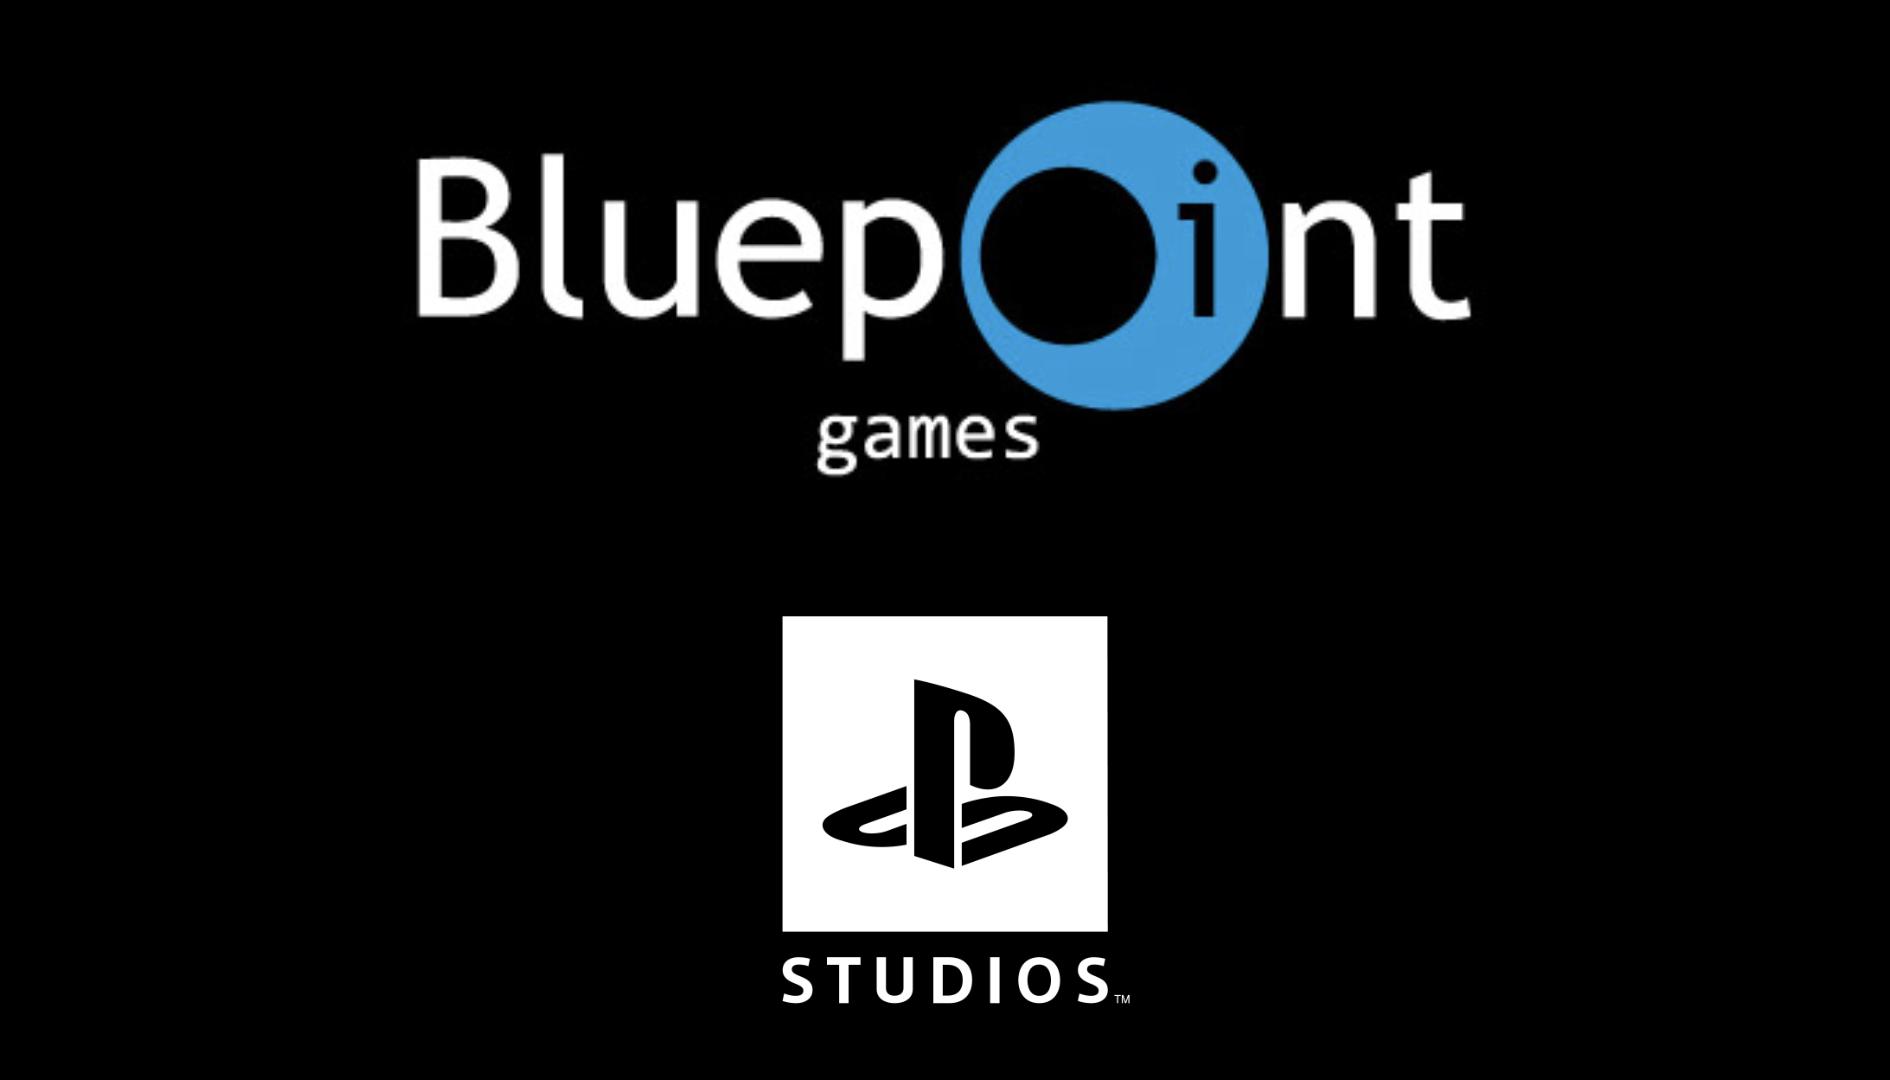 Sony acquisterà Bluepoint? È solo questione di tempo